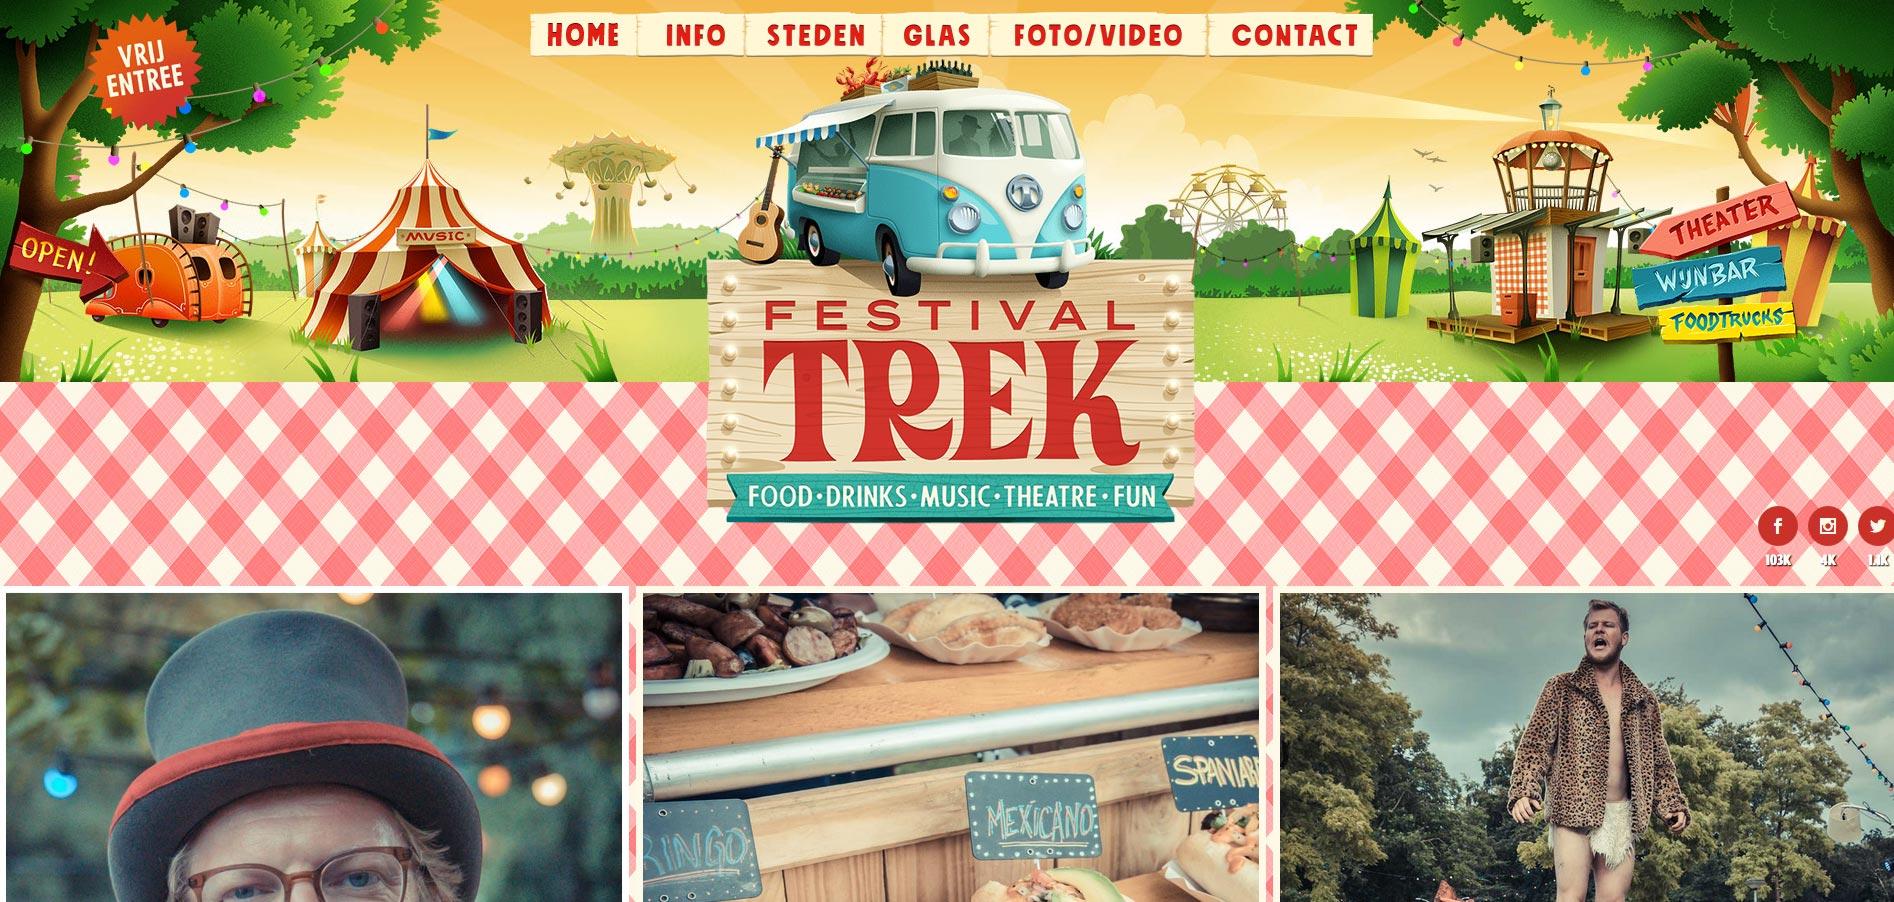 Festival Trek nieuwe Website 2019 ism Zender.nu